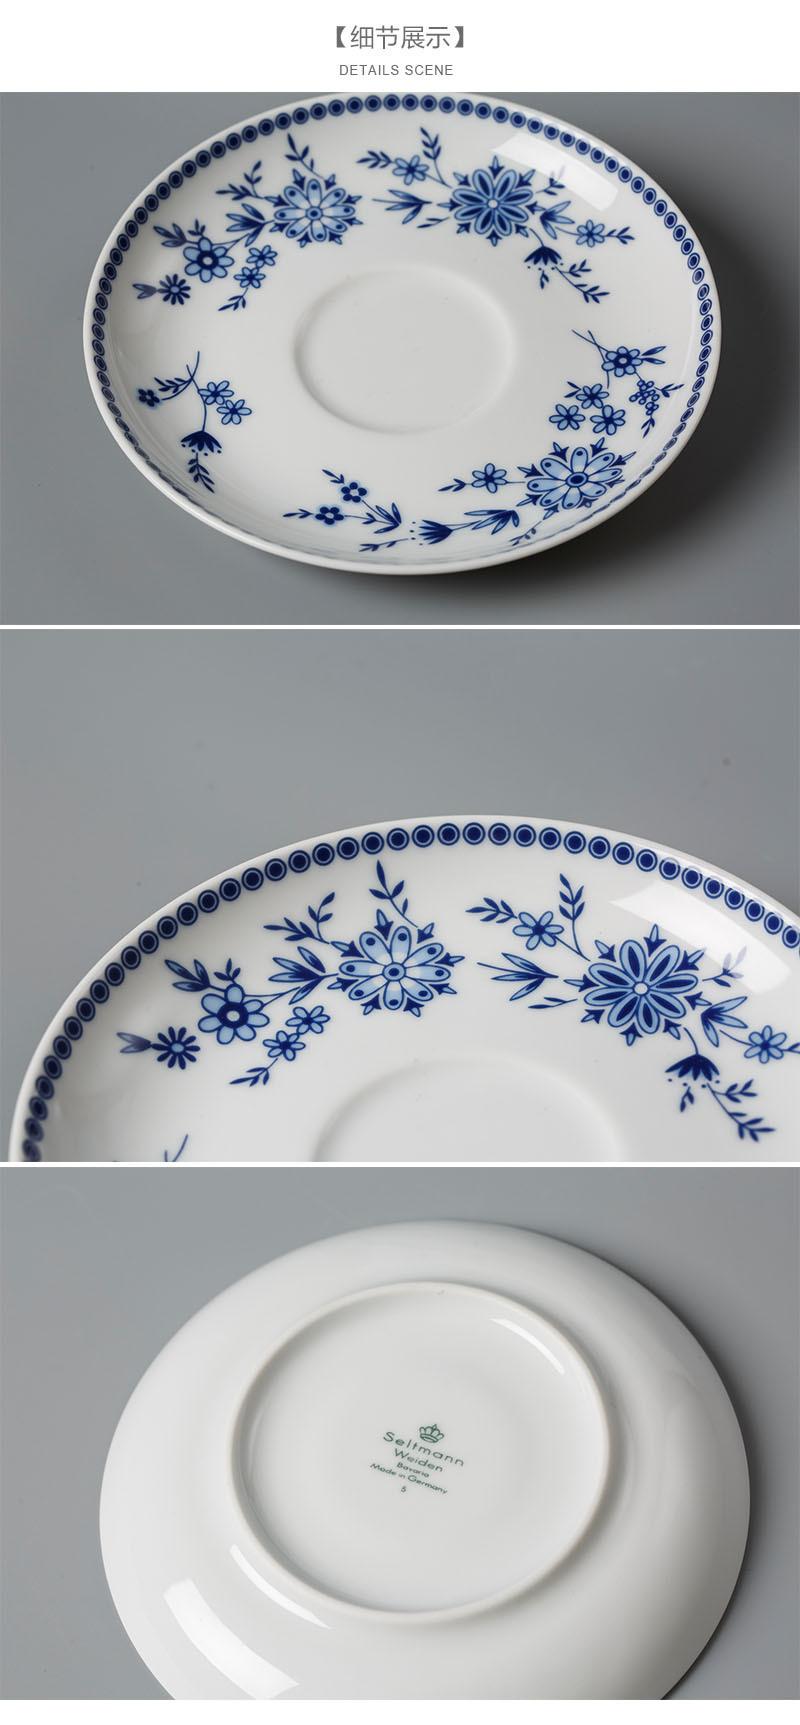 德国原产Seltmann Weiden青花陶瓷咖啡杯碟细节展示